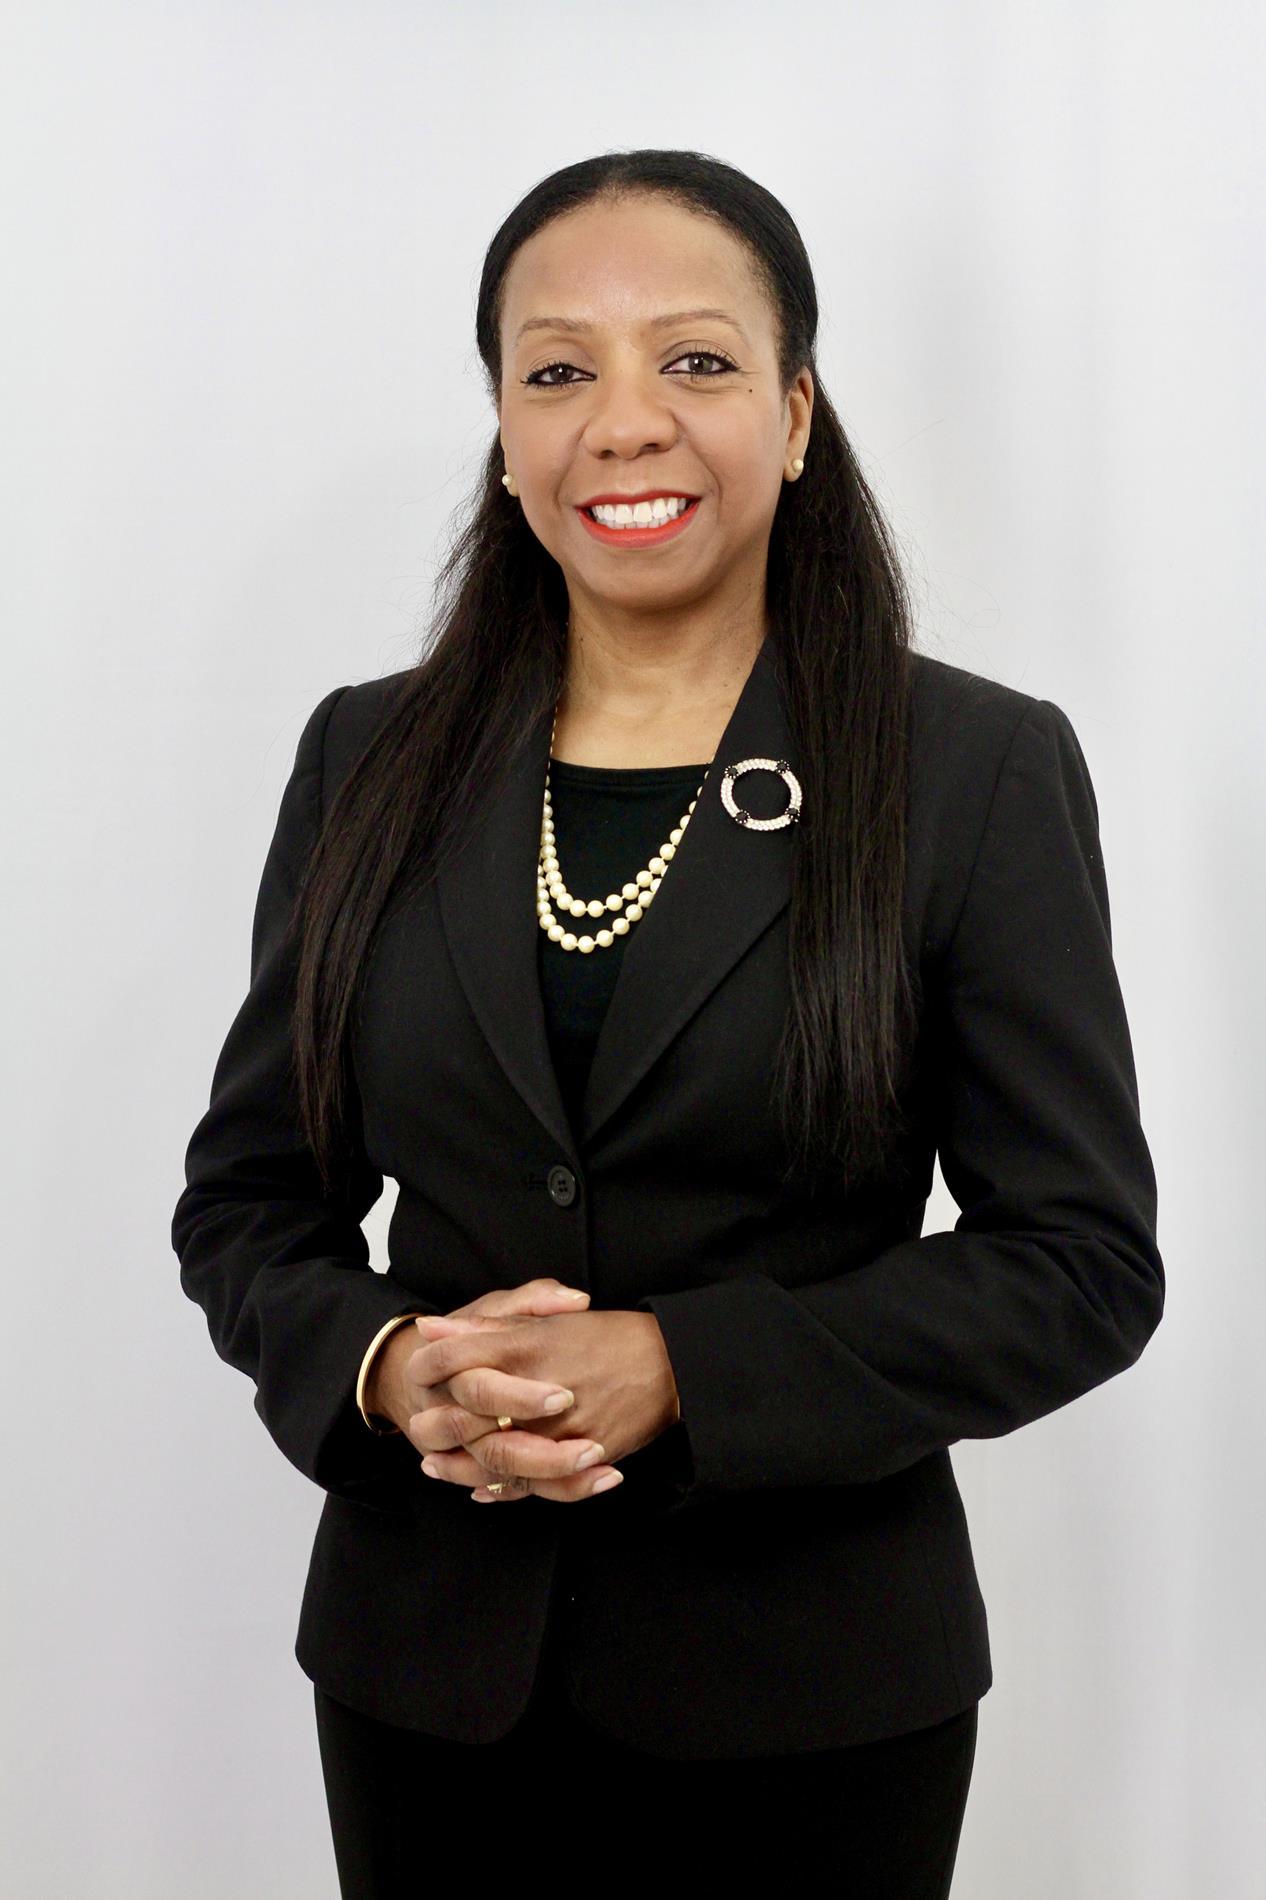 Dr. Paula Knight